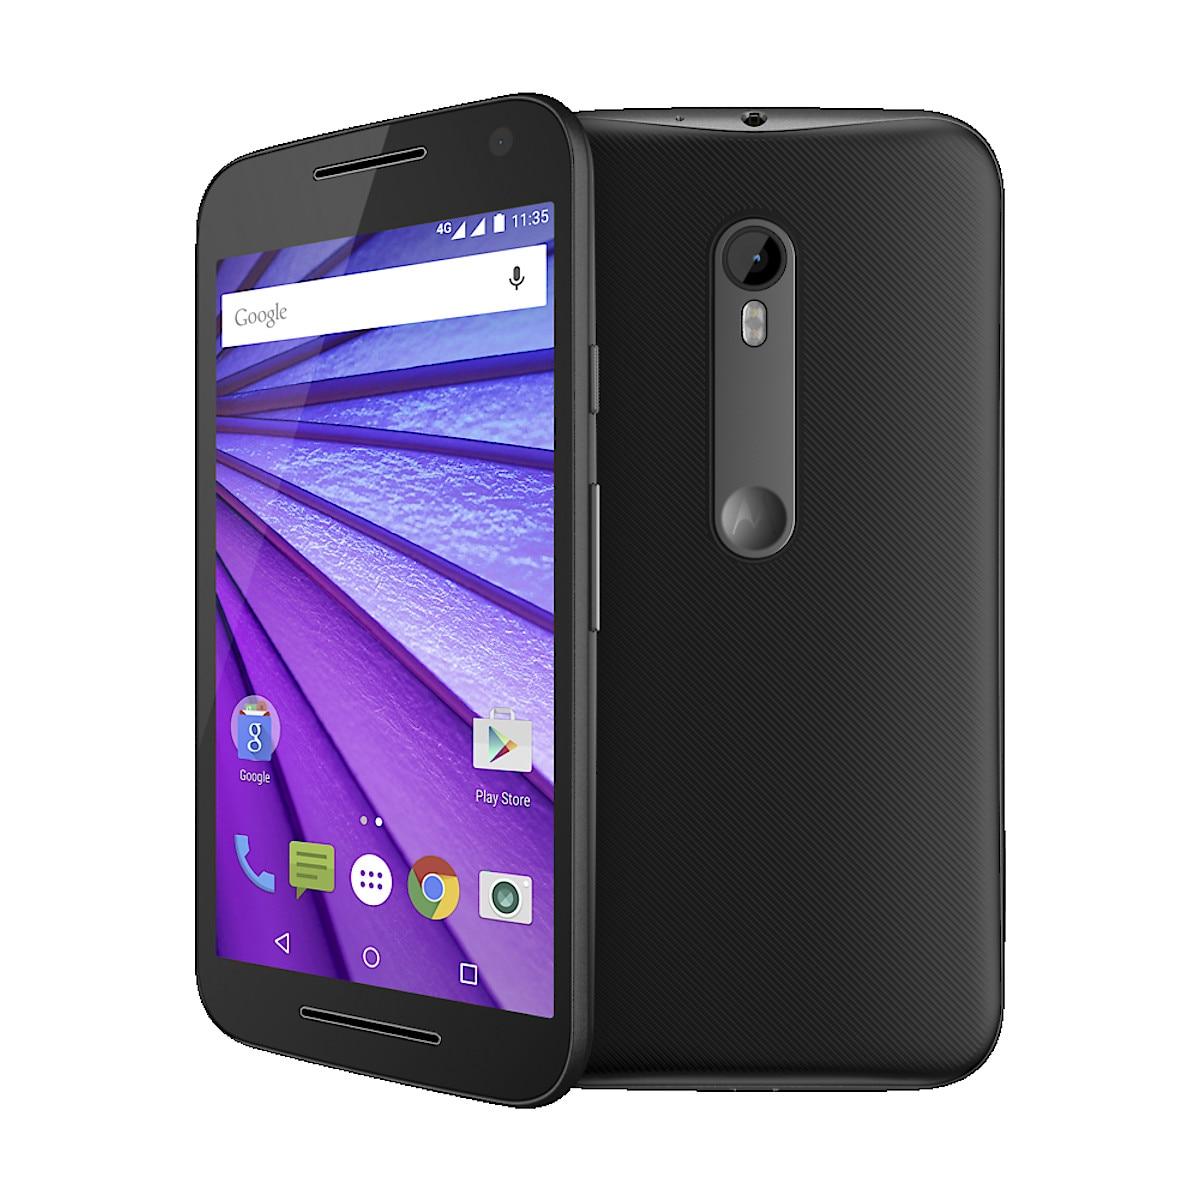 Mobiltelefon Motorola Moto G 3rd Gen 8 GB